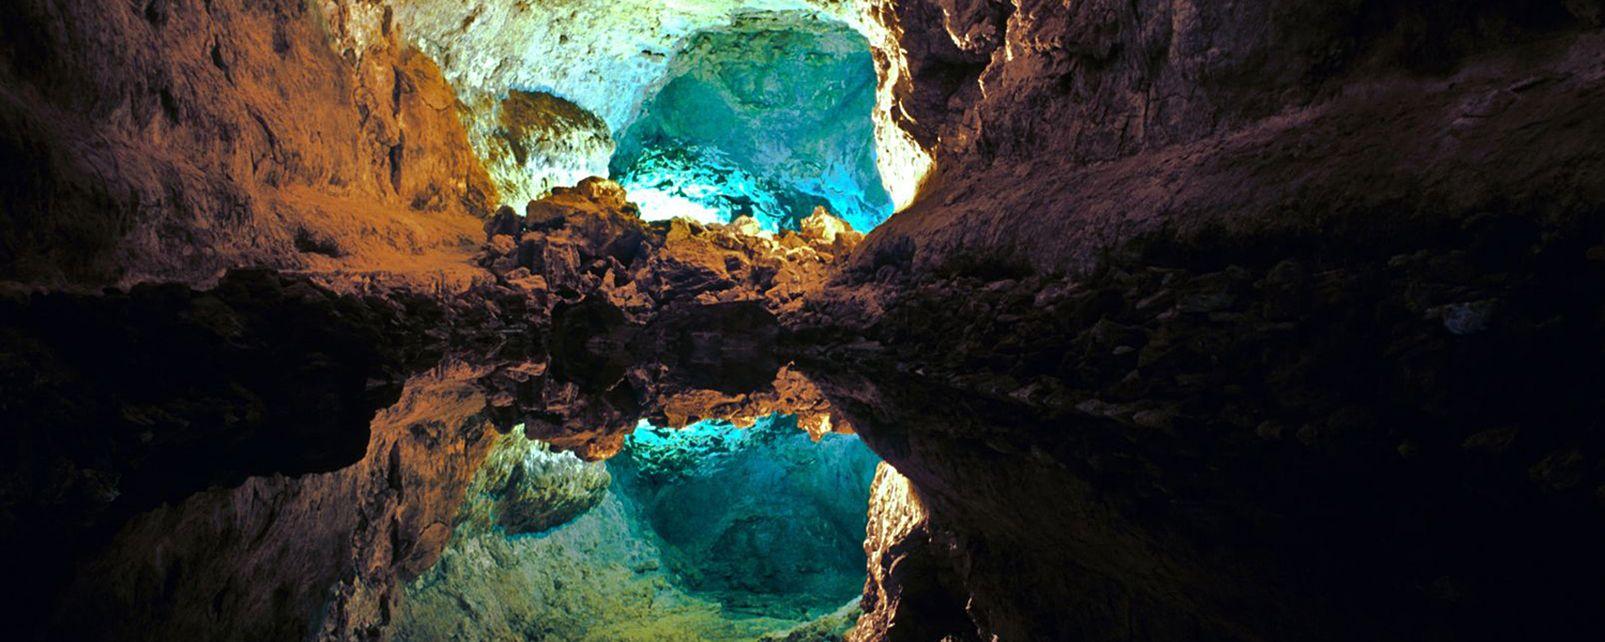 Lanzarote - Cueva de los Verdes - Canaries - Espagne